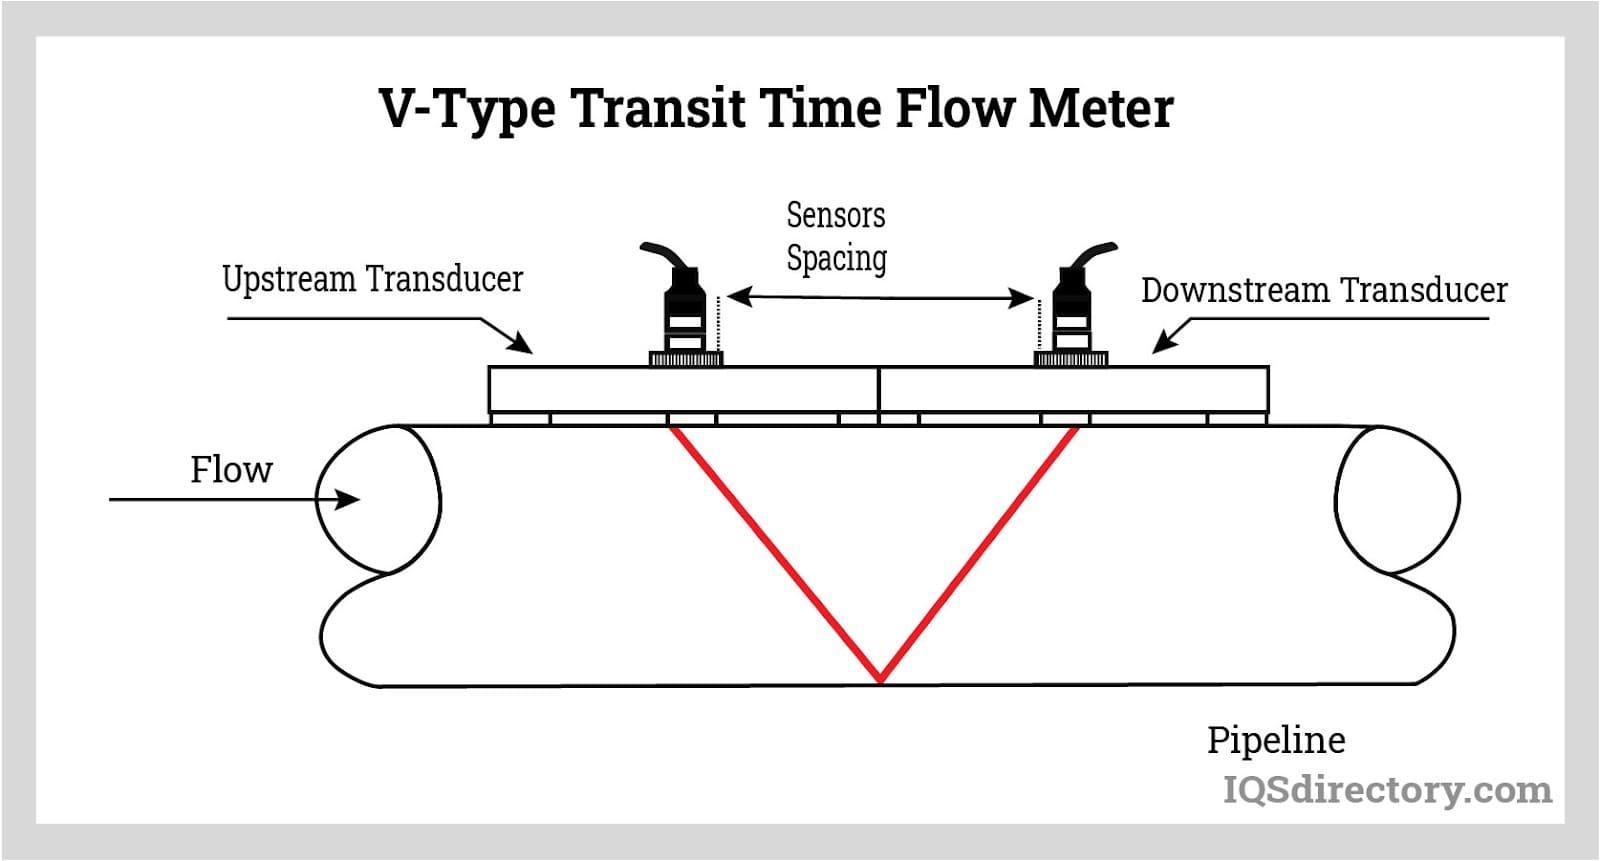 V-Type Transit Time Flow Meter